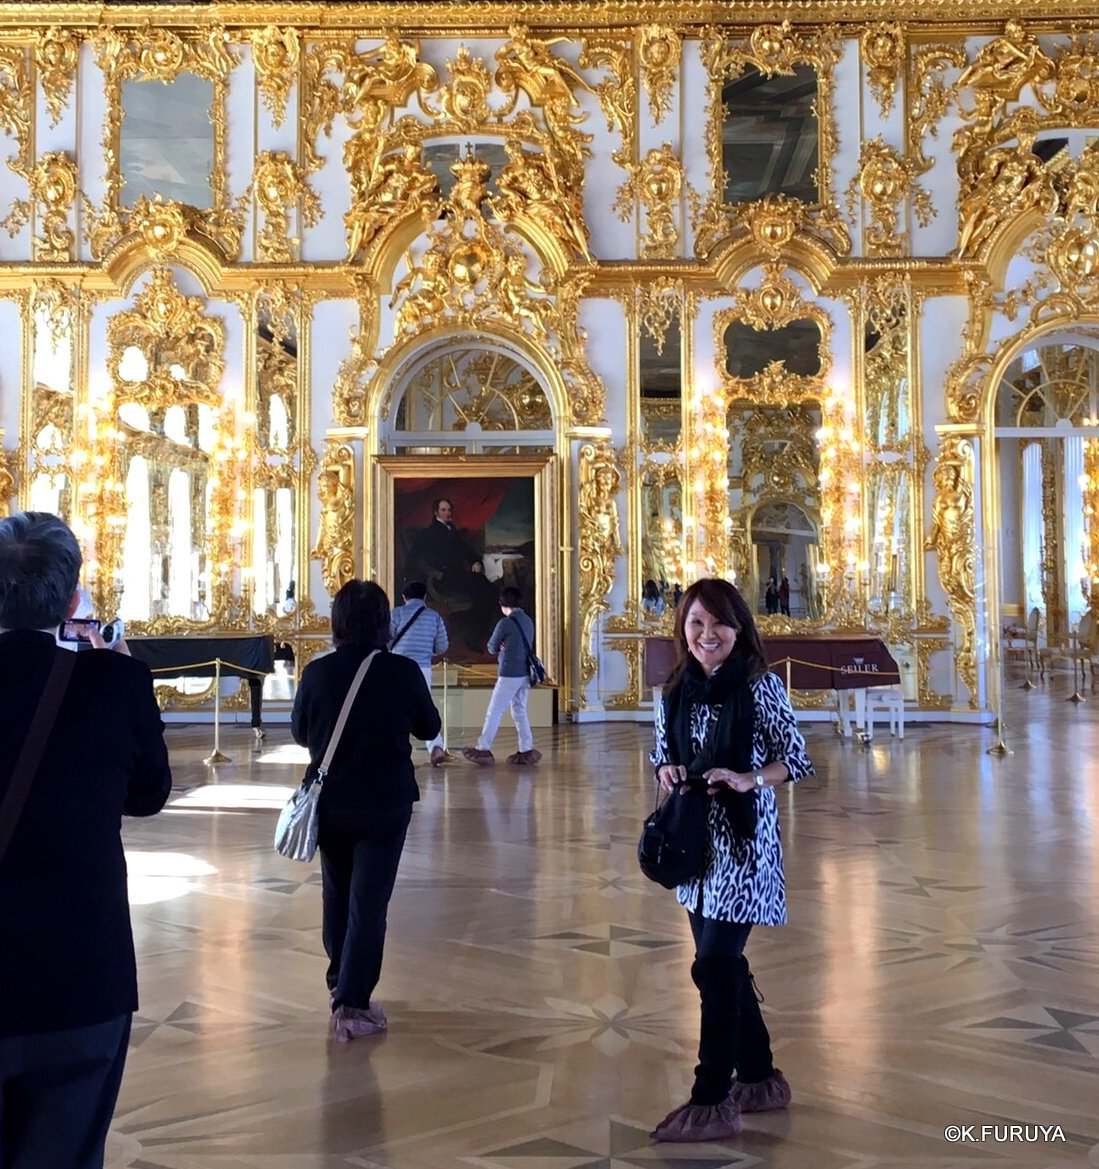 ロシアの旅 2 エカテリーナ宮殿 Ⅰ_a0092659_23313116.jpg